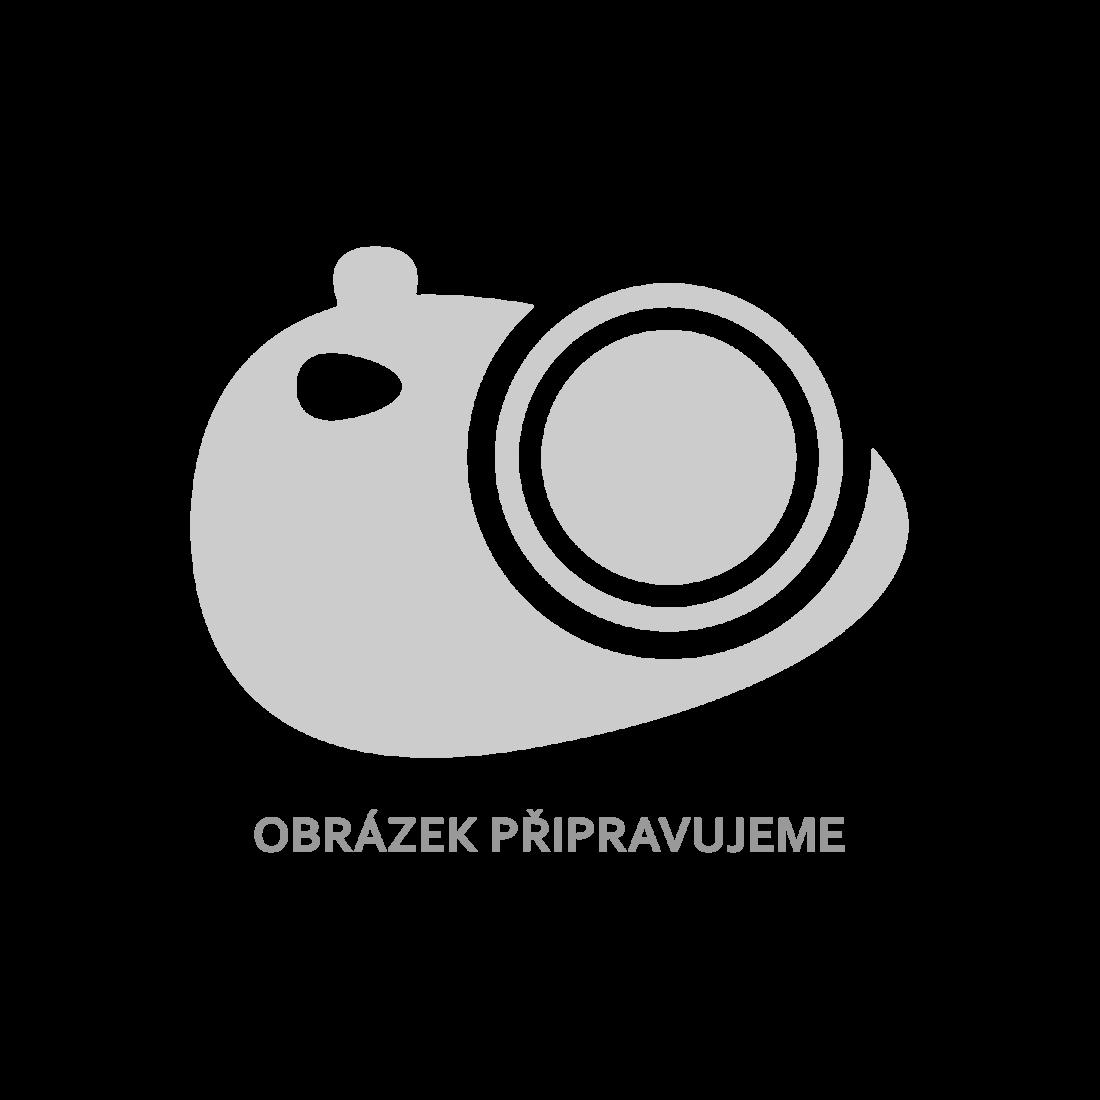 Roleta Zebra / noc a den / Twinroll 120 x 230 cm, šedá